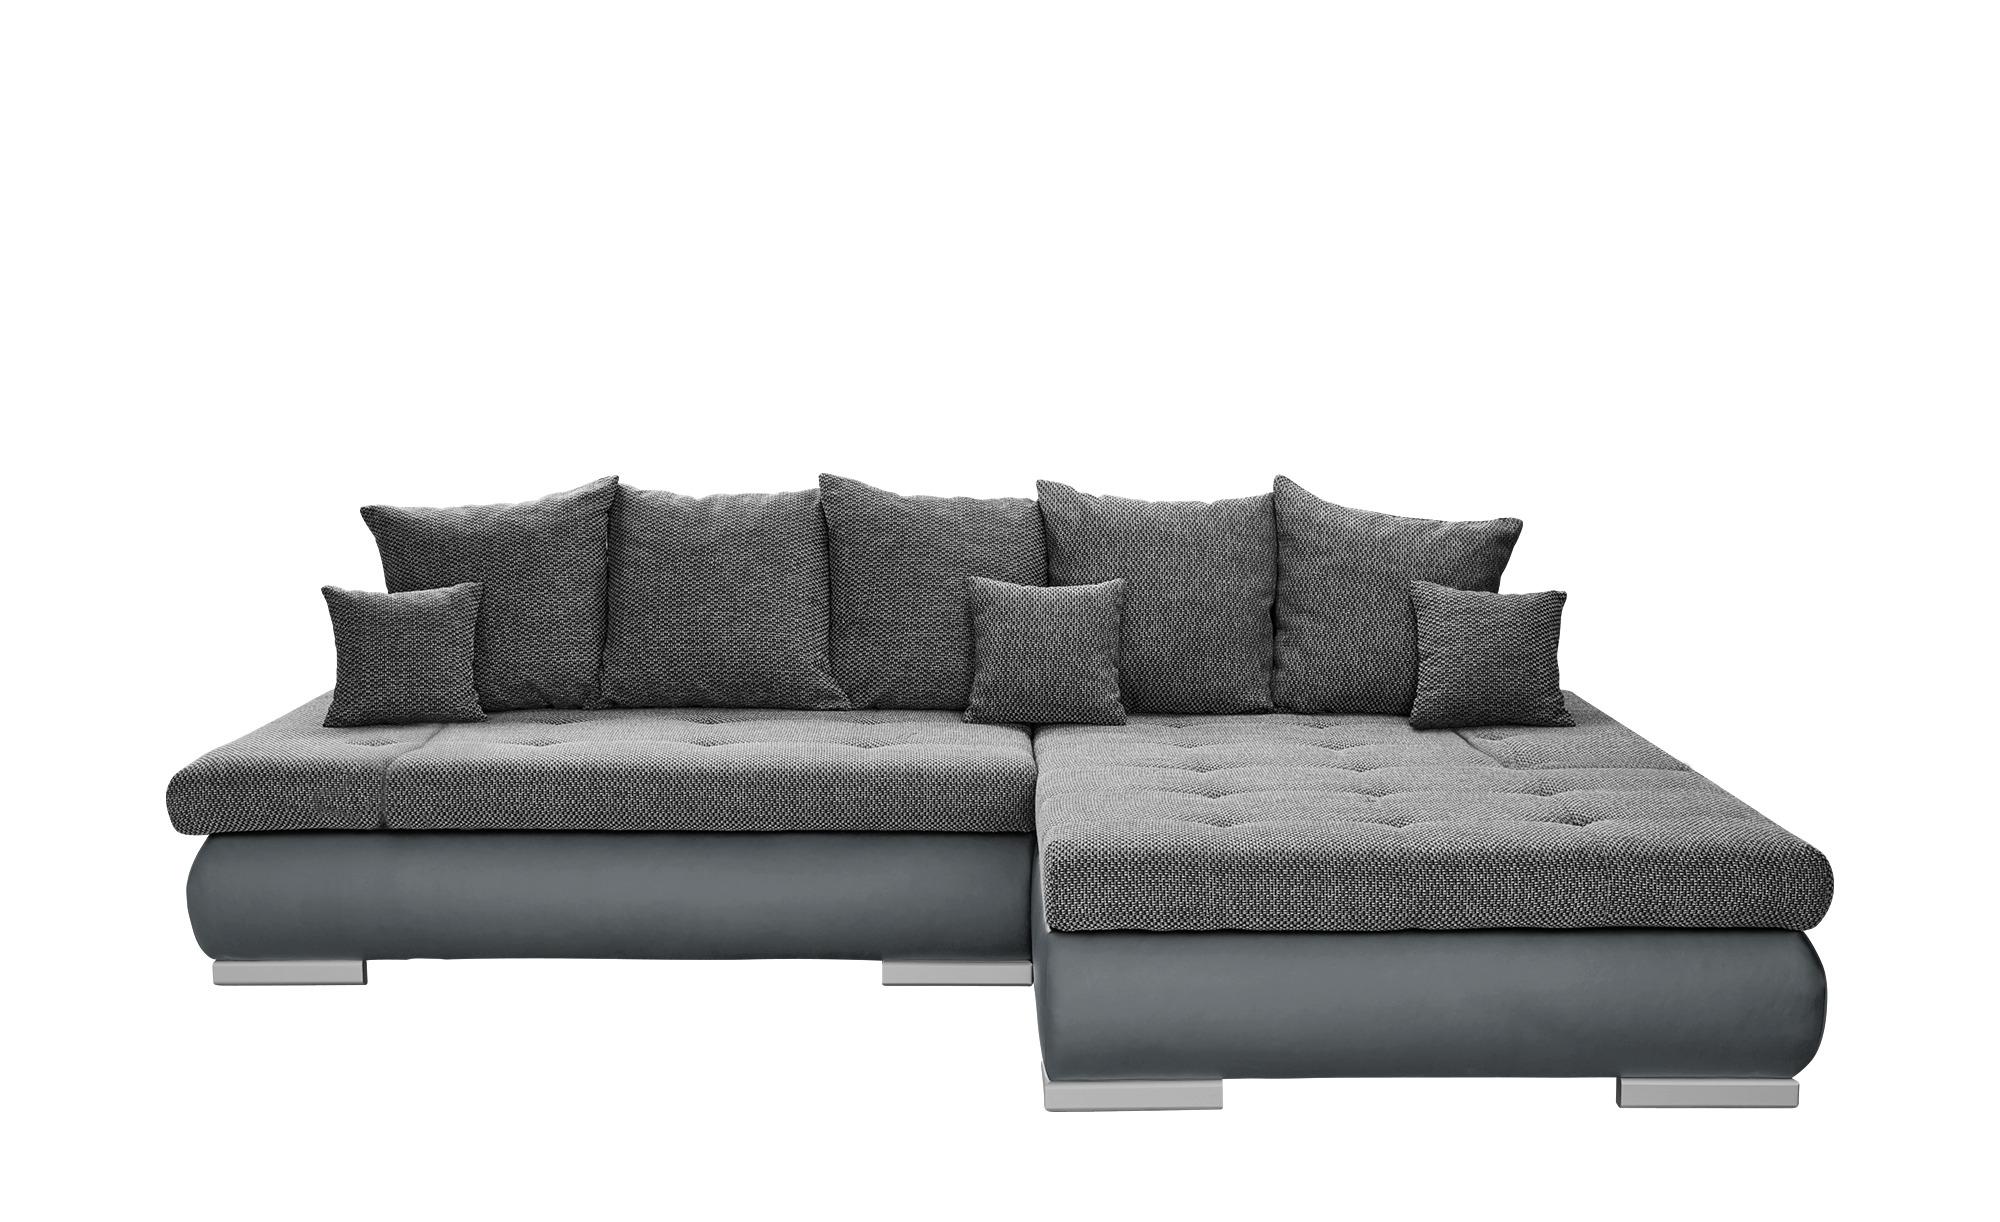 switch Eckcouch grau - Kunstleder/Webstoff Ivan ¦ grau ¦ Maße (cm): H: 80 Polstermöbel > Sofas > Ecksofas - Höffner